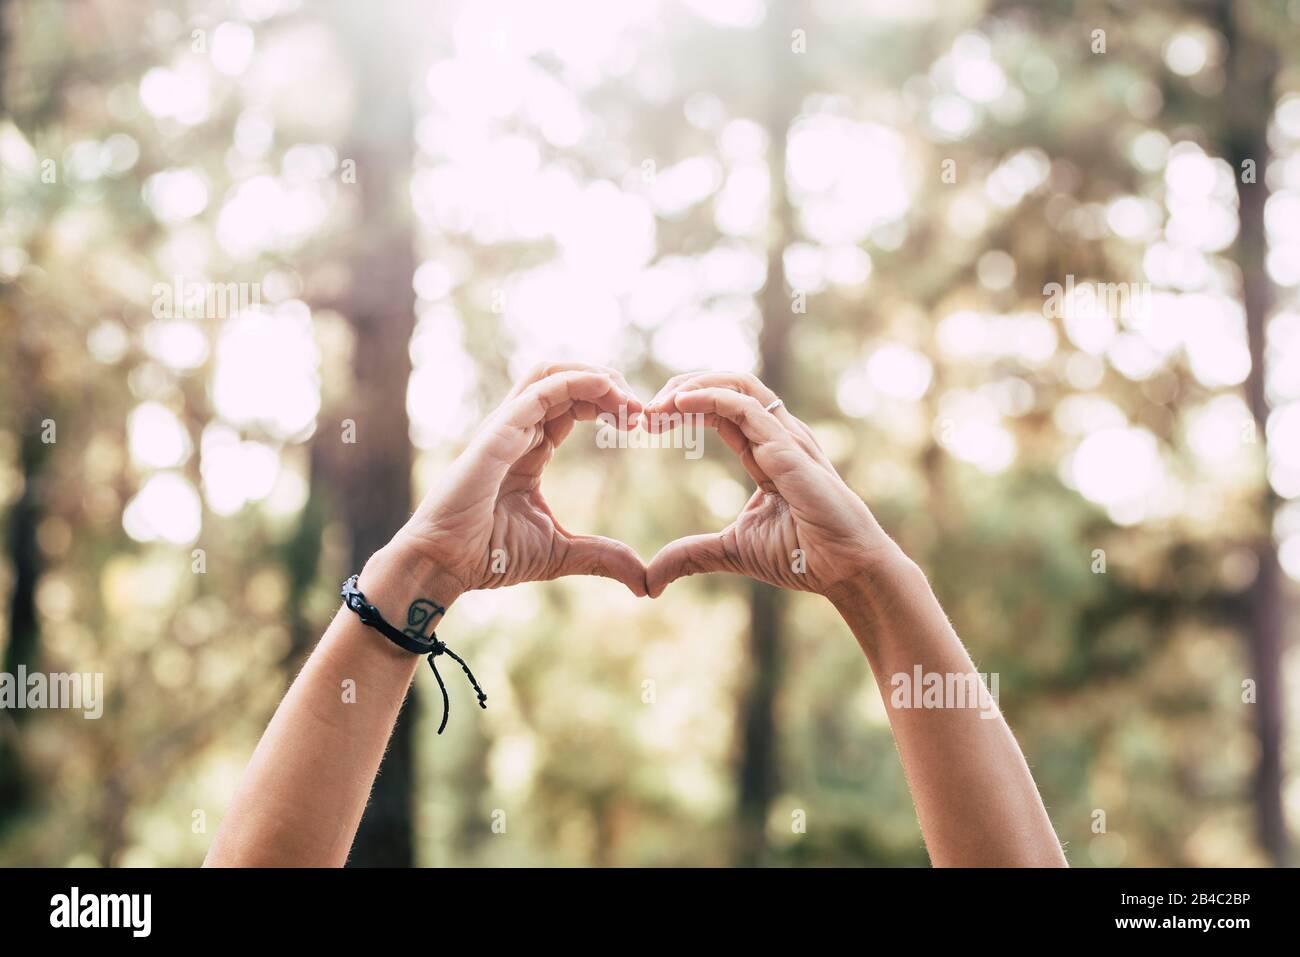 Das Tageskonzept der Erde mit zwei menschlichen Menschen hängt mit dem Symbol des Herdes mit schönem entschärftem Wald im Hintergrund - keine Feuer- und Entwaldungsbotschaft für die zukünftige Generation und den gesunden Planeten Stockfoto